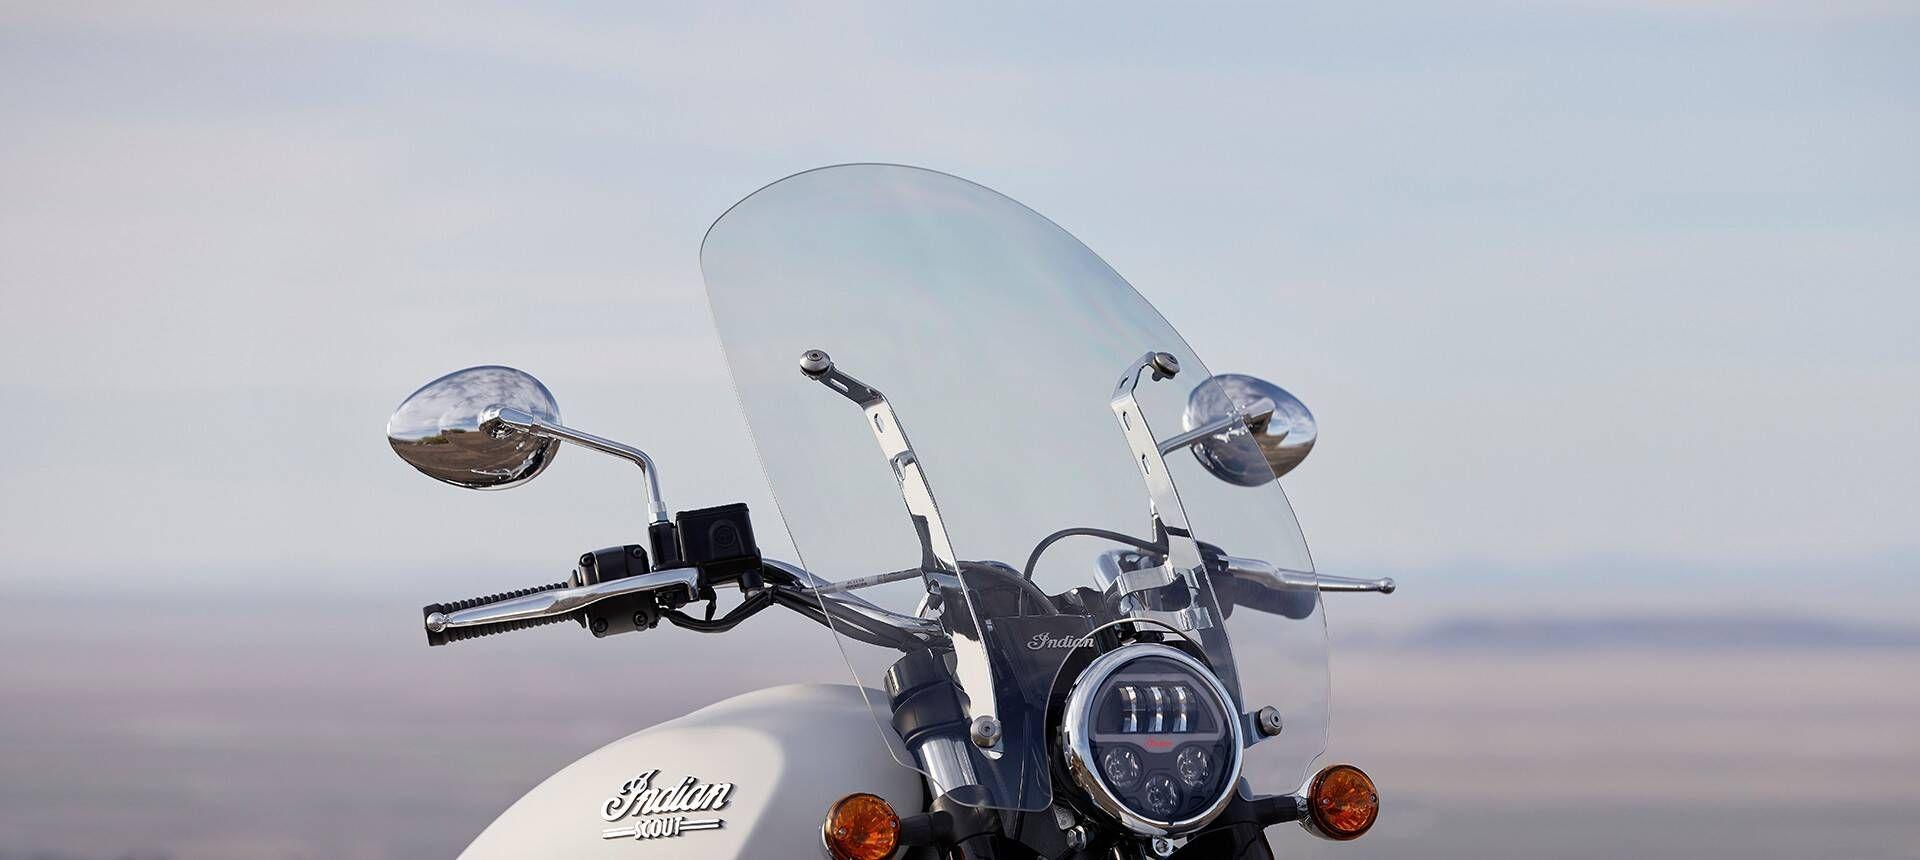 Мотоцикл Indian Scout White Smoke 2020 - 6